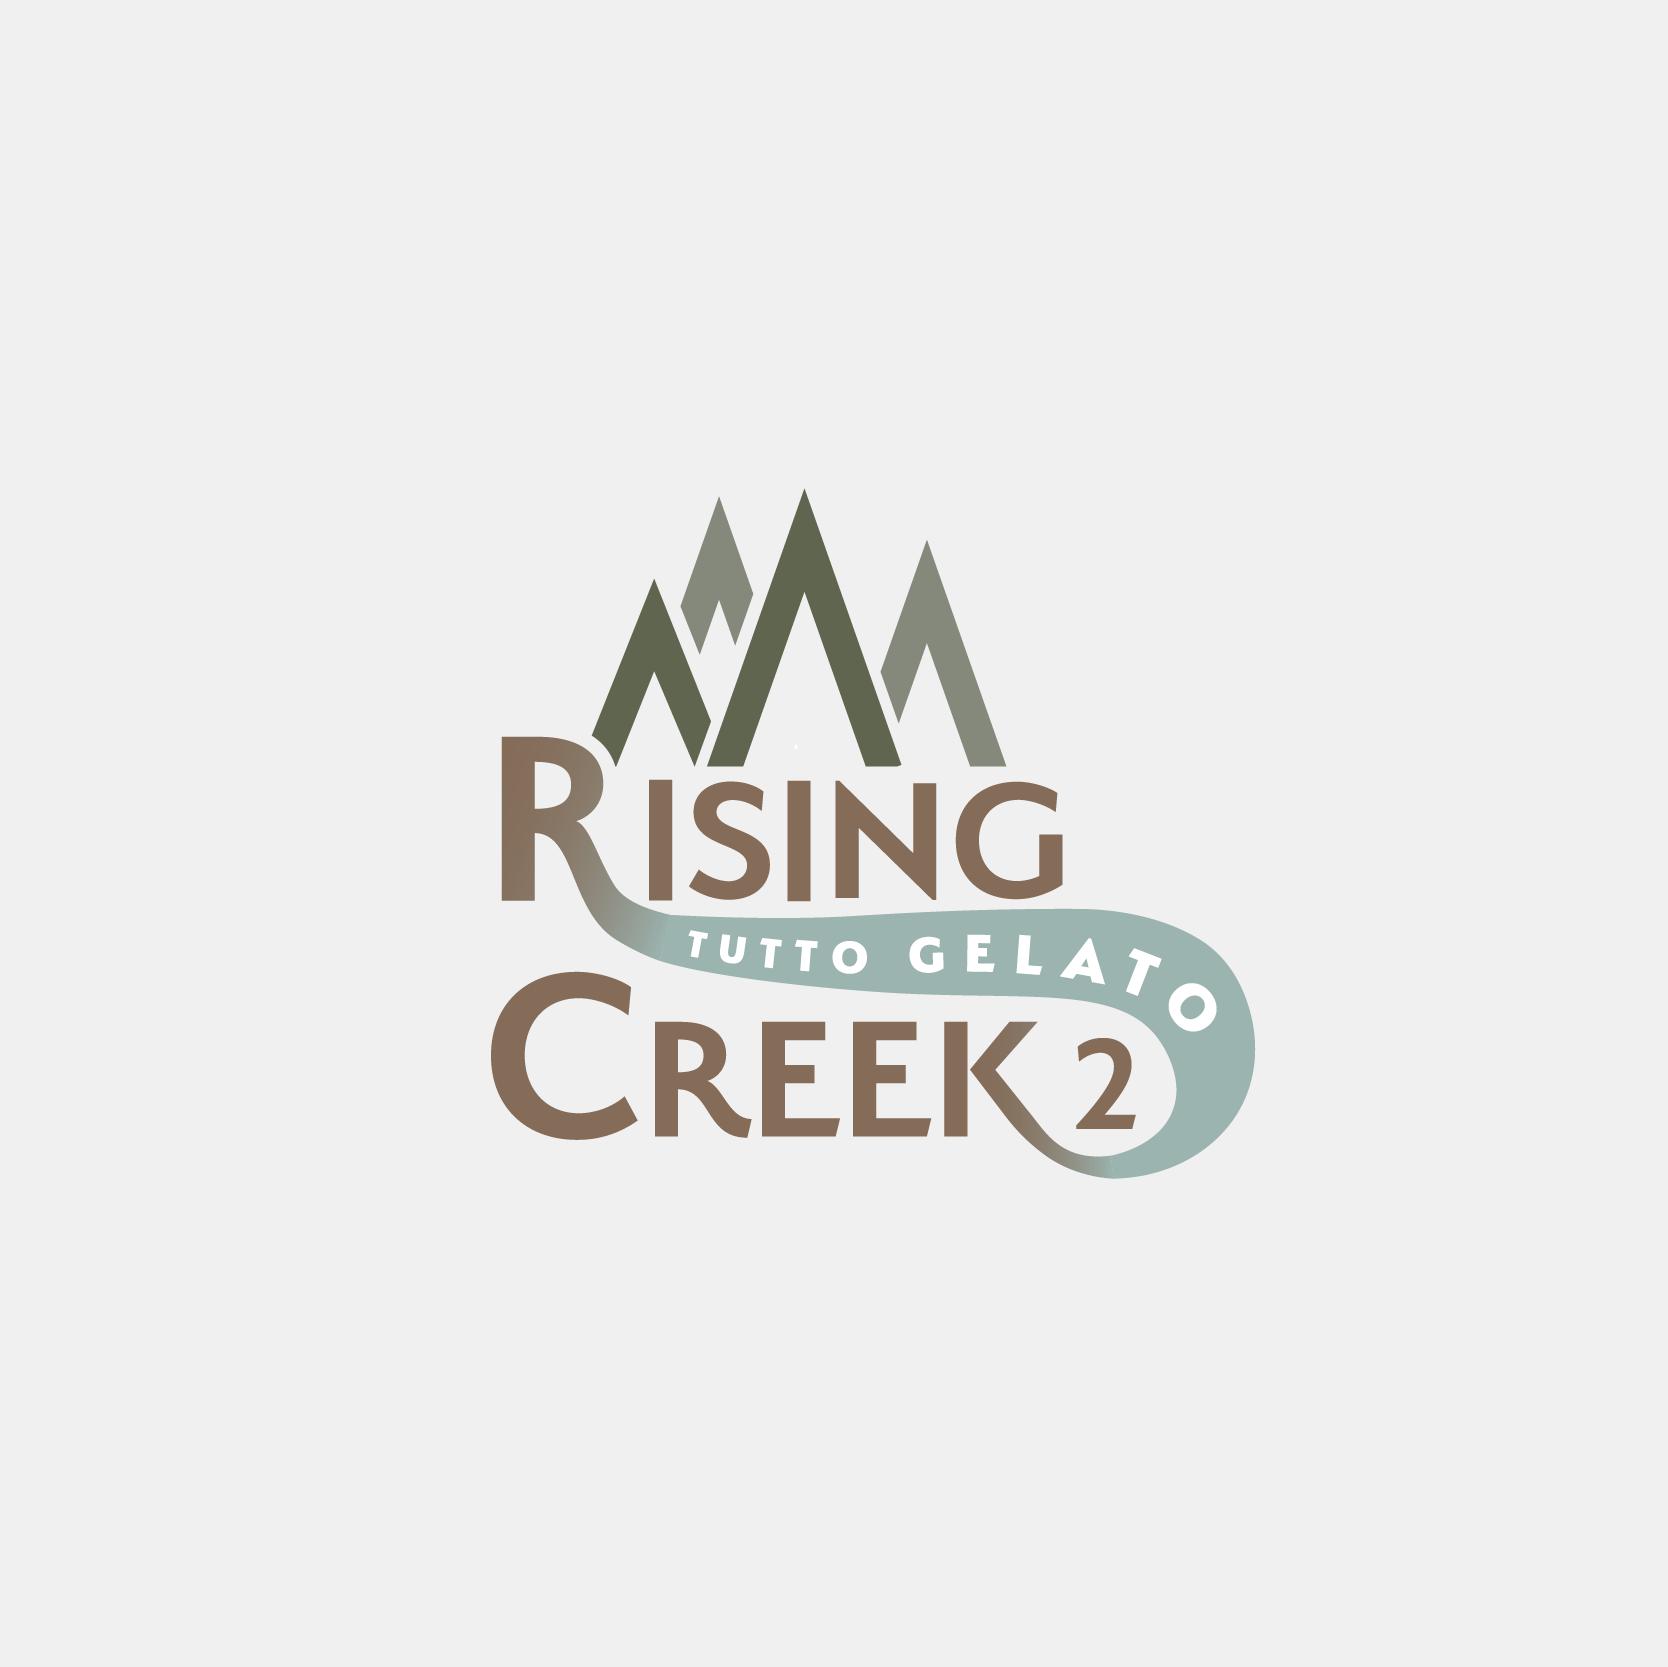 Rising Creek 2 Outtake 1